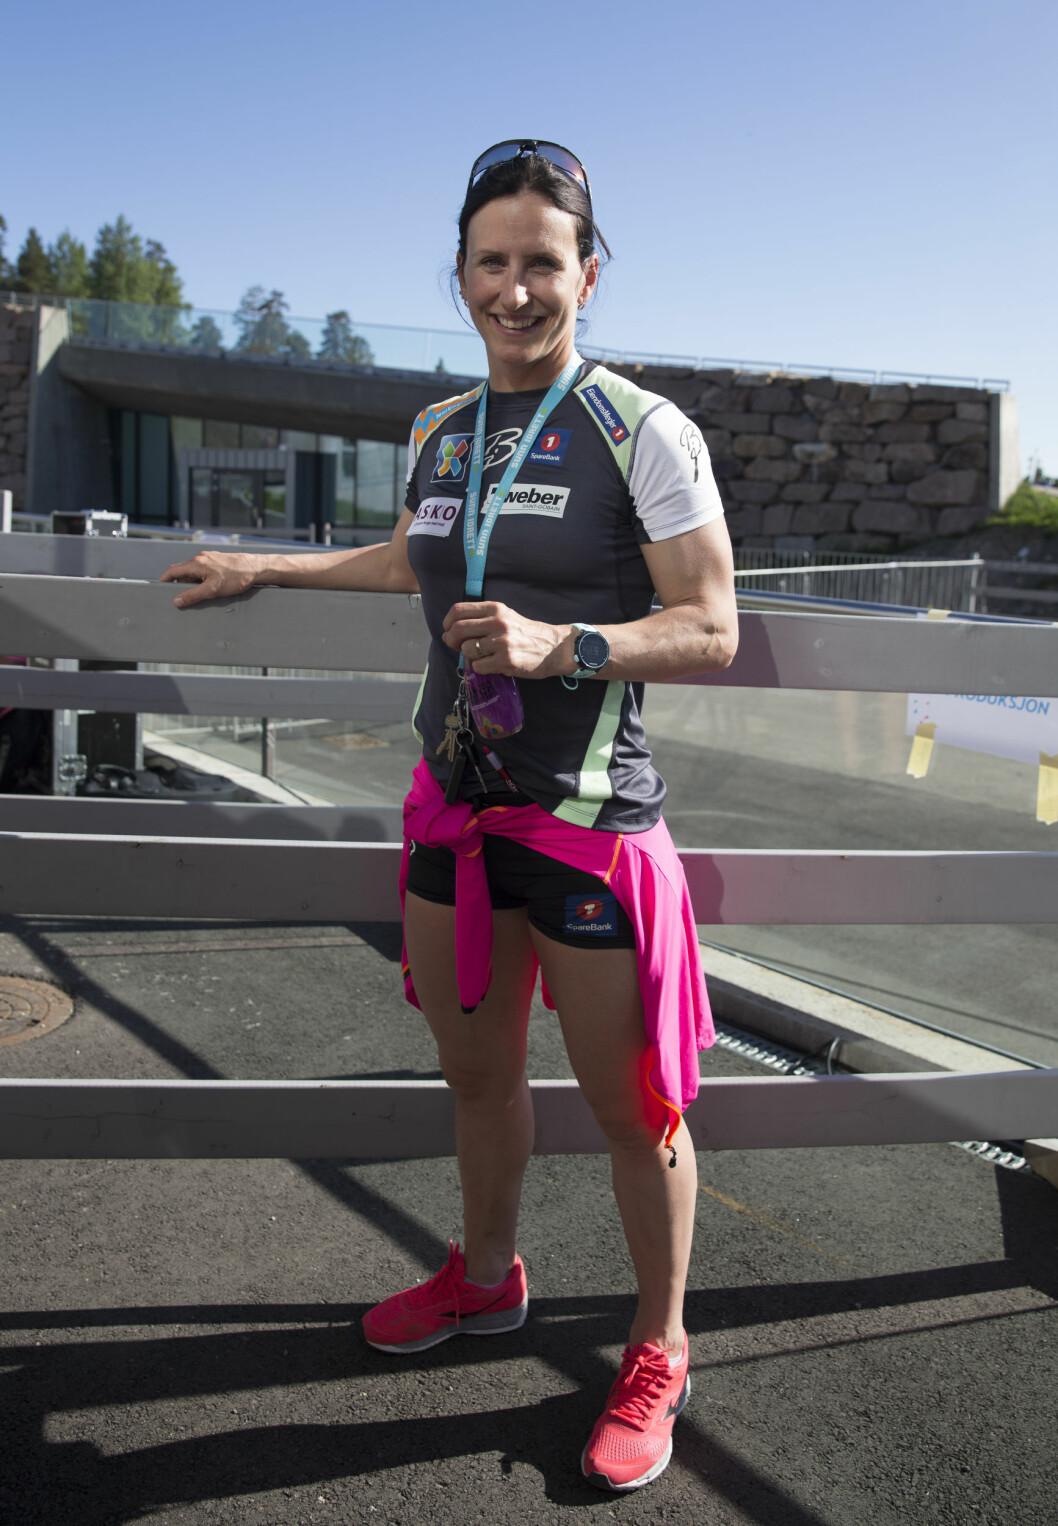 <strong>AKTIV MOR:</strong> Marit Bjørgen håper på å prestere under Lahti-VM i februar og mars neste år. Her er hun avbildet på Oslo Skishow 2016 i Holmenkollen i sommer, der hun ikke kunne delta på grunn av skade.  Foto: NTB scanpix